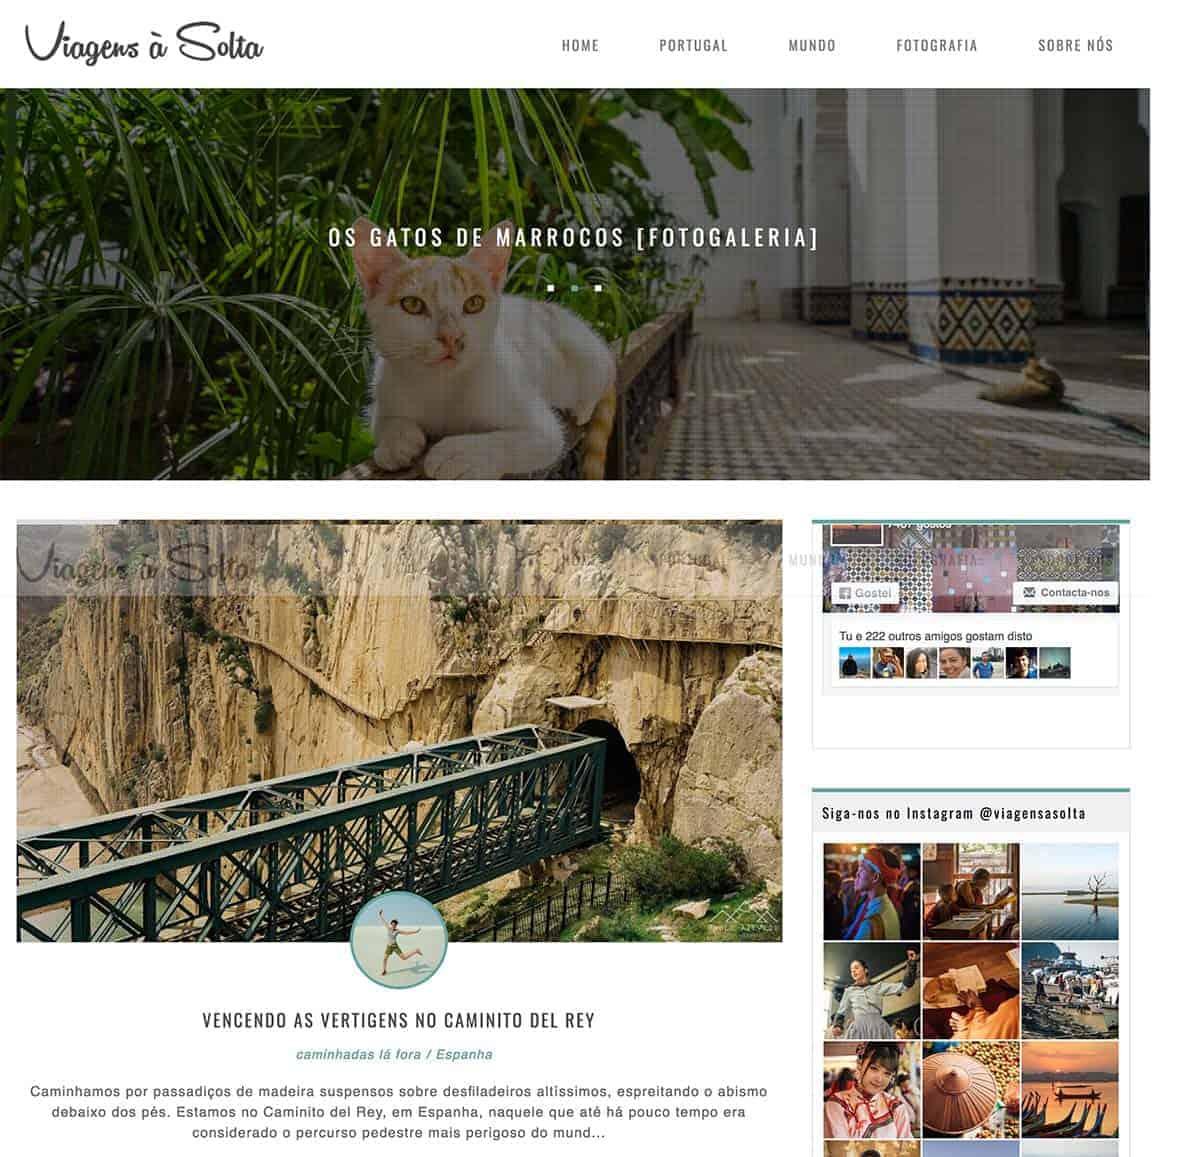 Blog: Viagens à solta